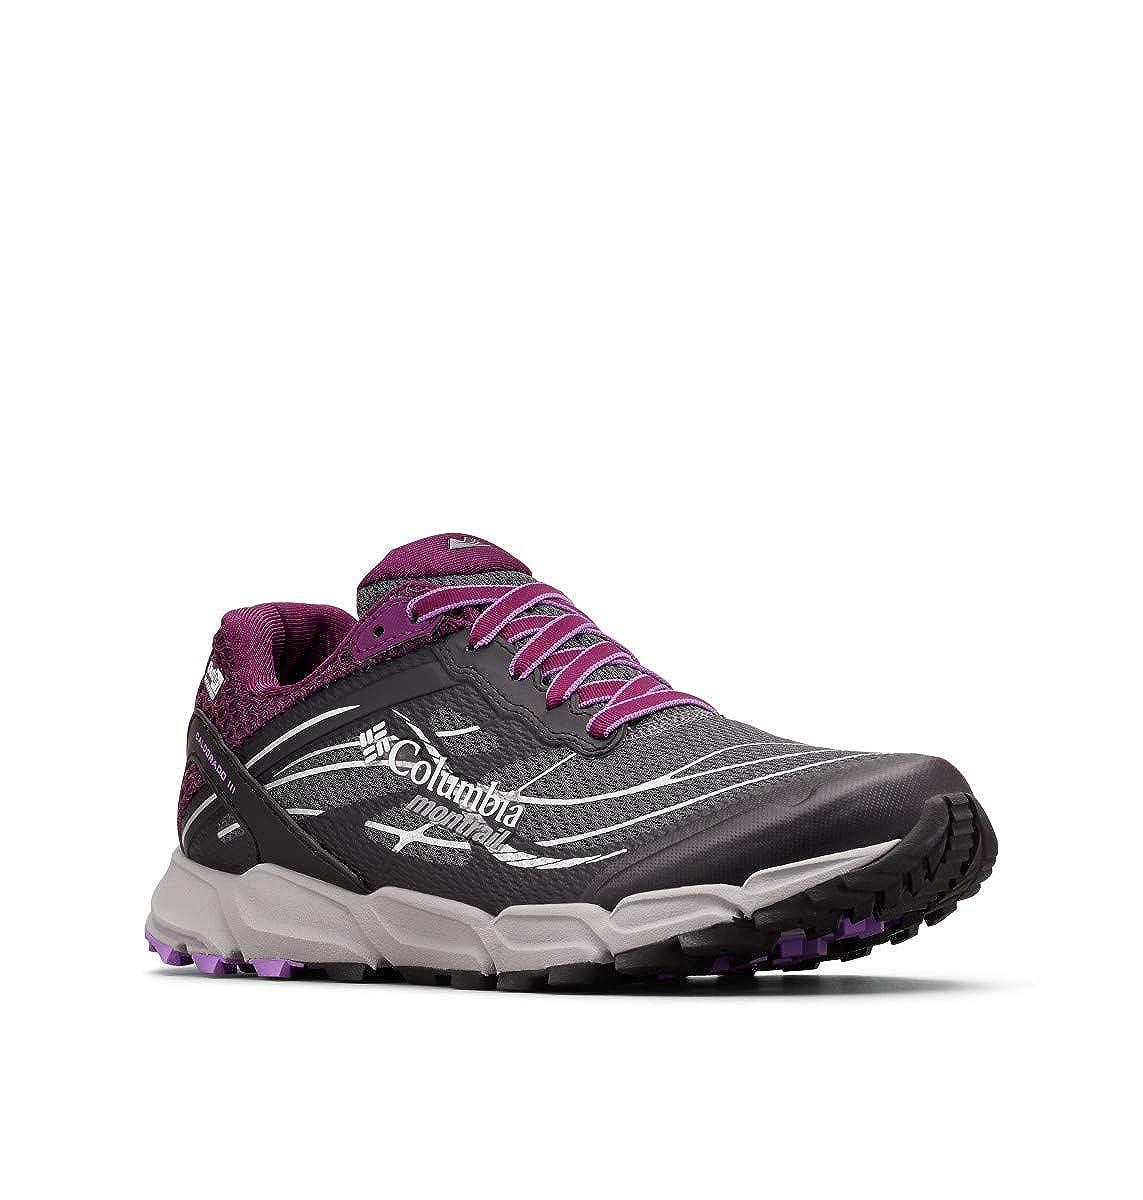 gris (Graphite, Crown 053) 41 EU Columbia Caldorado III Outdry, Chaussures de Trail Femme